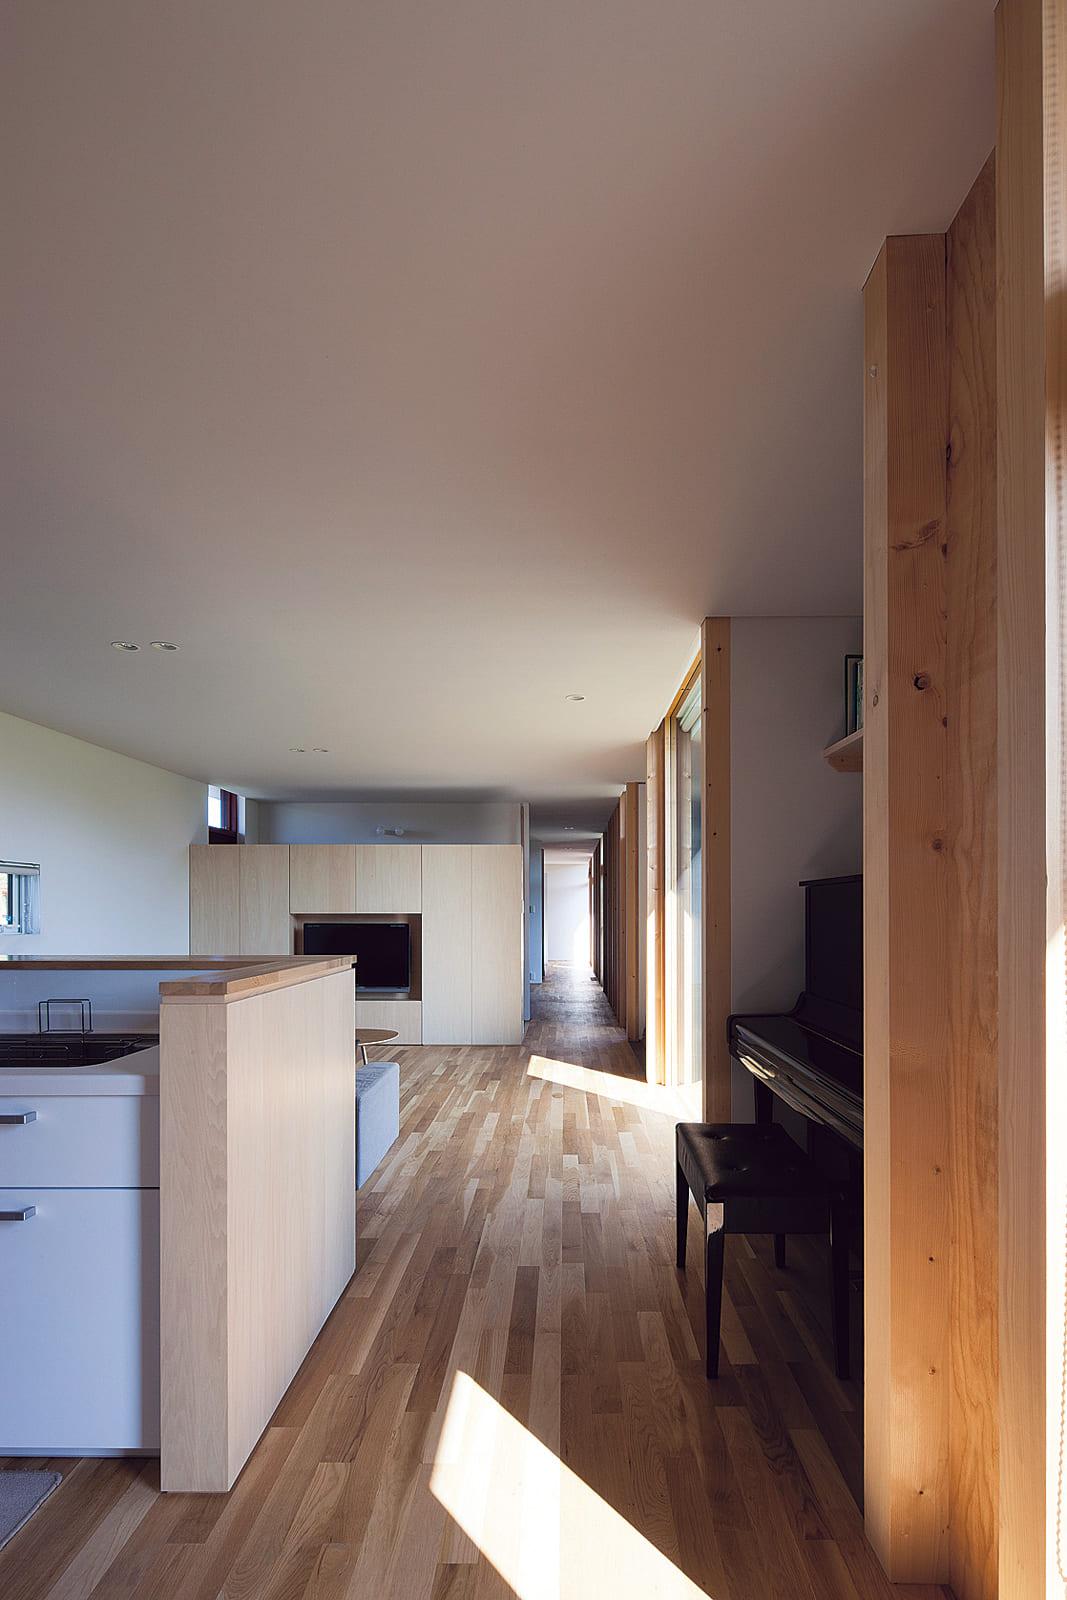 キッチンからリビング方向を見る。各室をつなぐ廊下が一直線に家の奥へと続いている